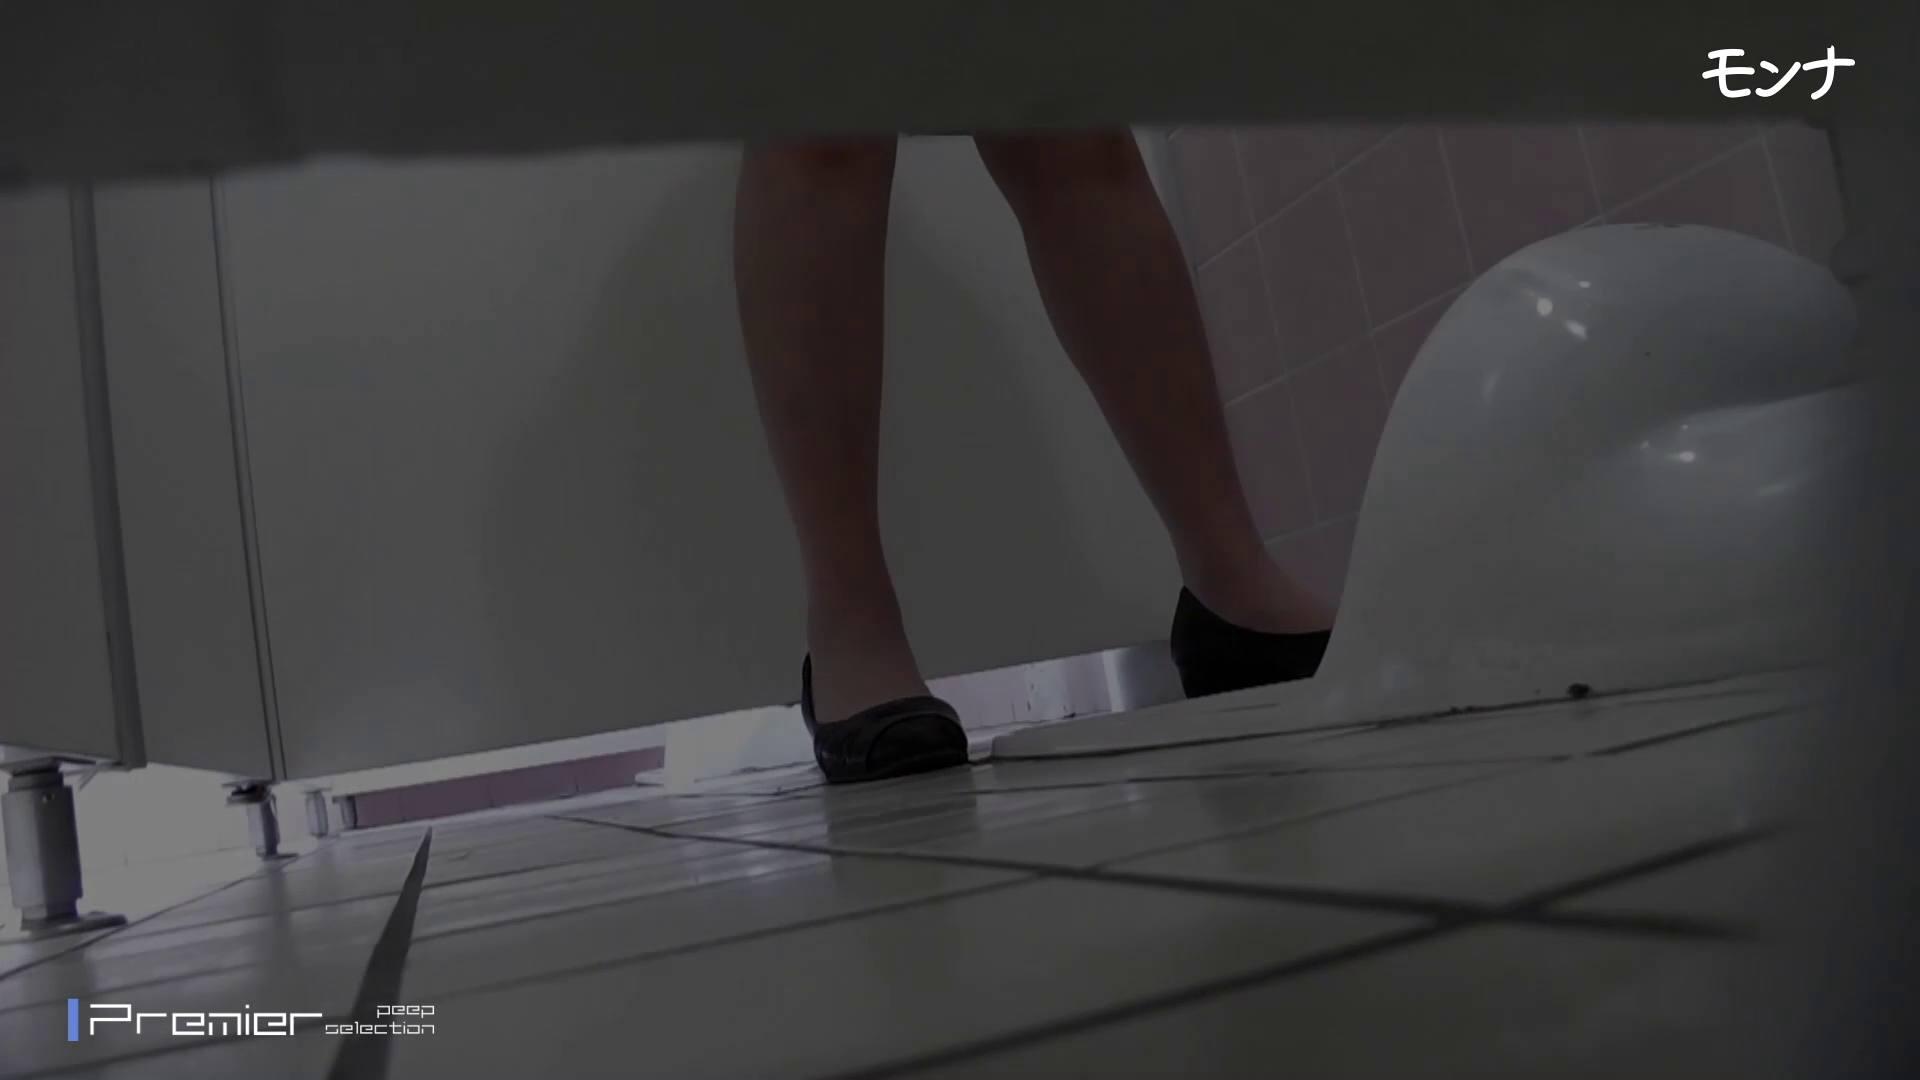 美しい日本の未来 No.69 ひやっと!終始15cmのしらすを垂らしながら・・・ マンコ 濡れ場動画紹介 94連発 58